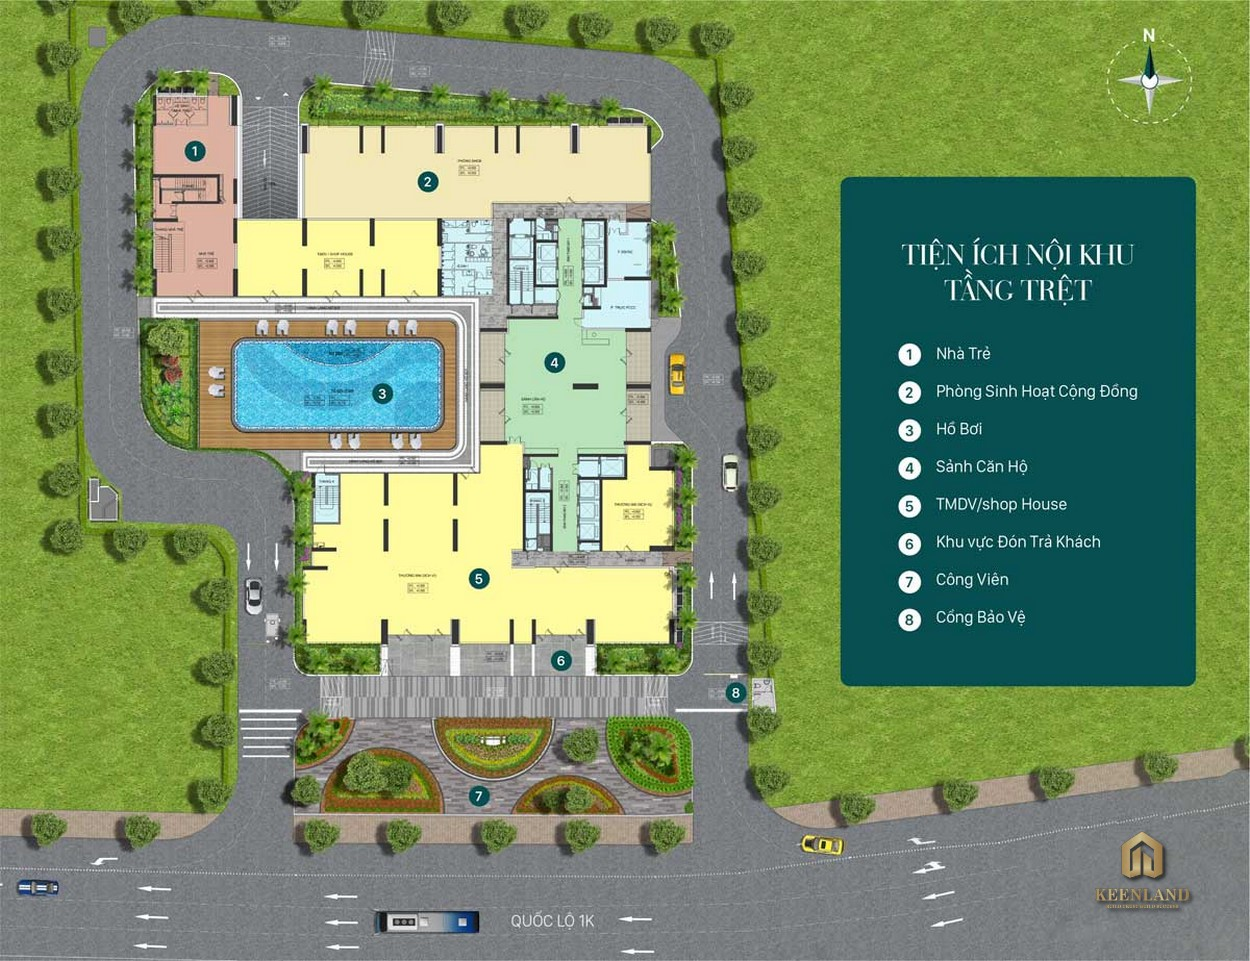 Mua bán cho thuê dự án căn hộ Phúc Đạt Tower Dĩ An Bình Dương